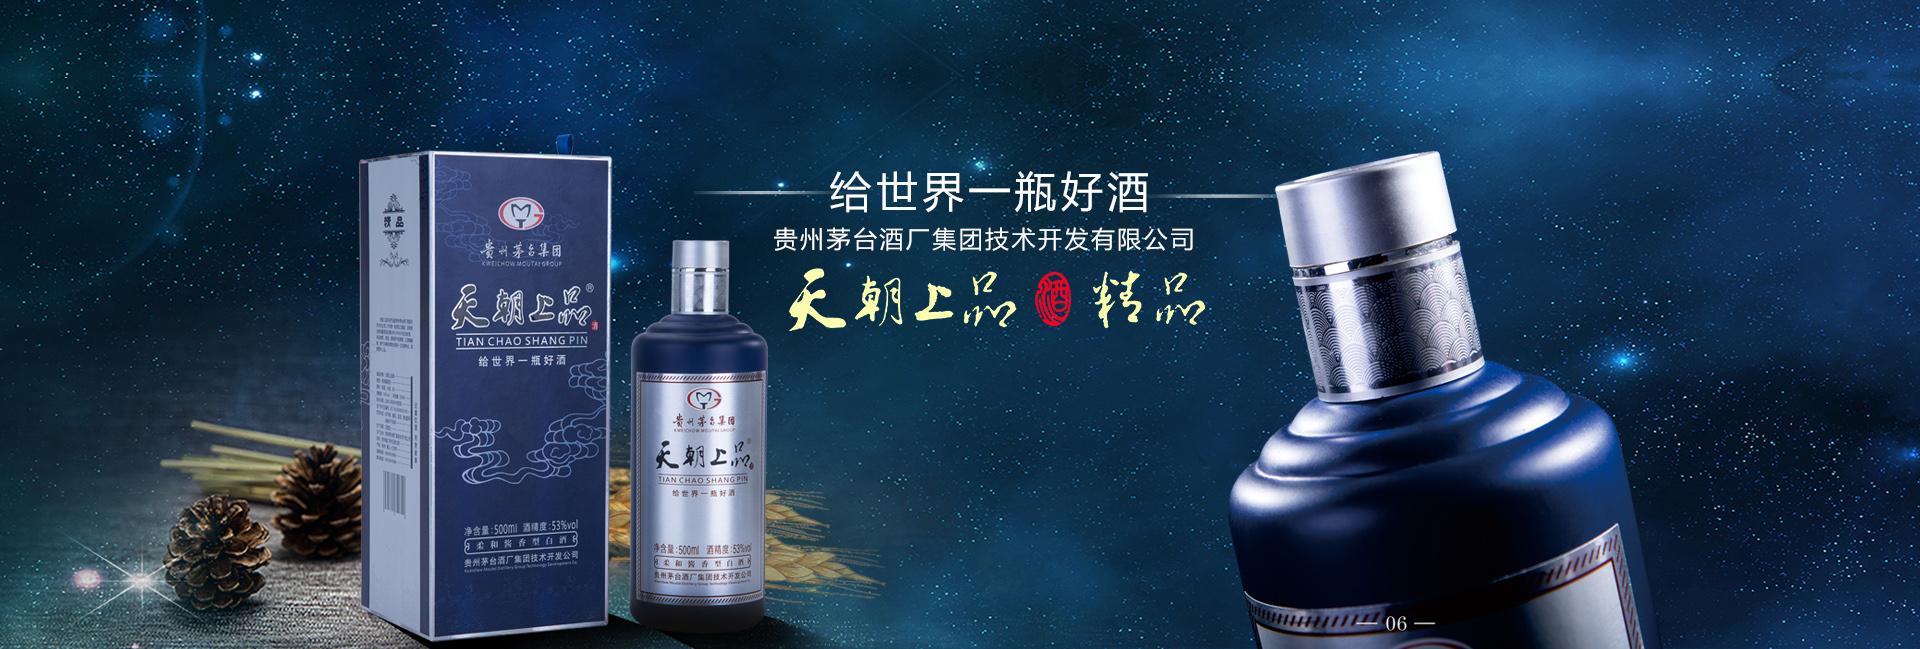 贵州天朝上品精品酒——美酒柔和你的心!